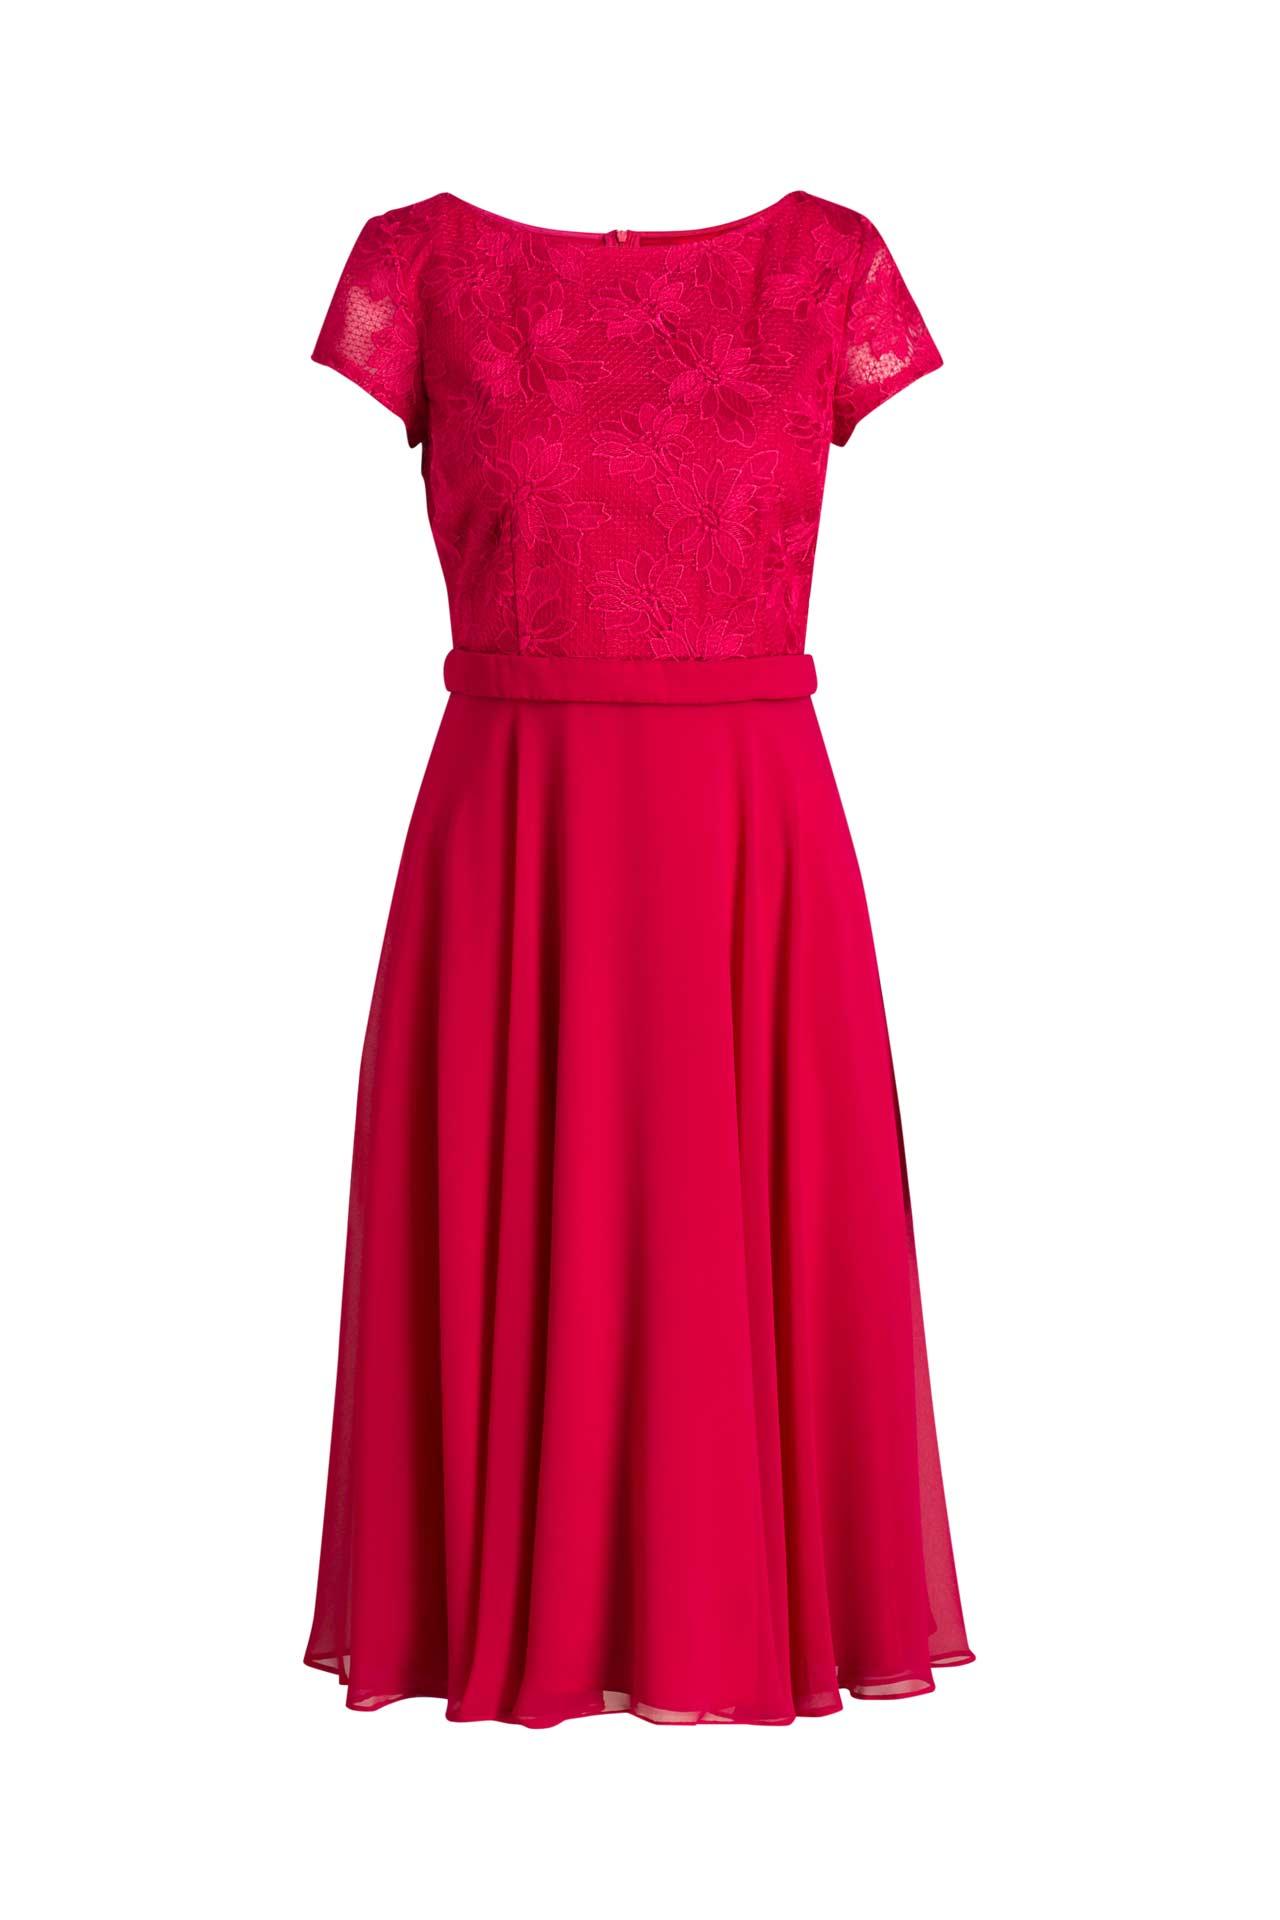 VERA MONT - Kleid rot » günstig online kaufen | OUTLETCITY.COM